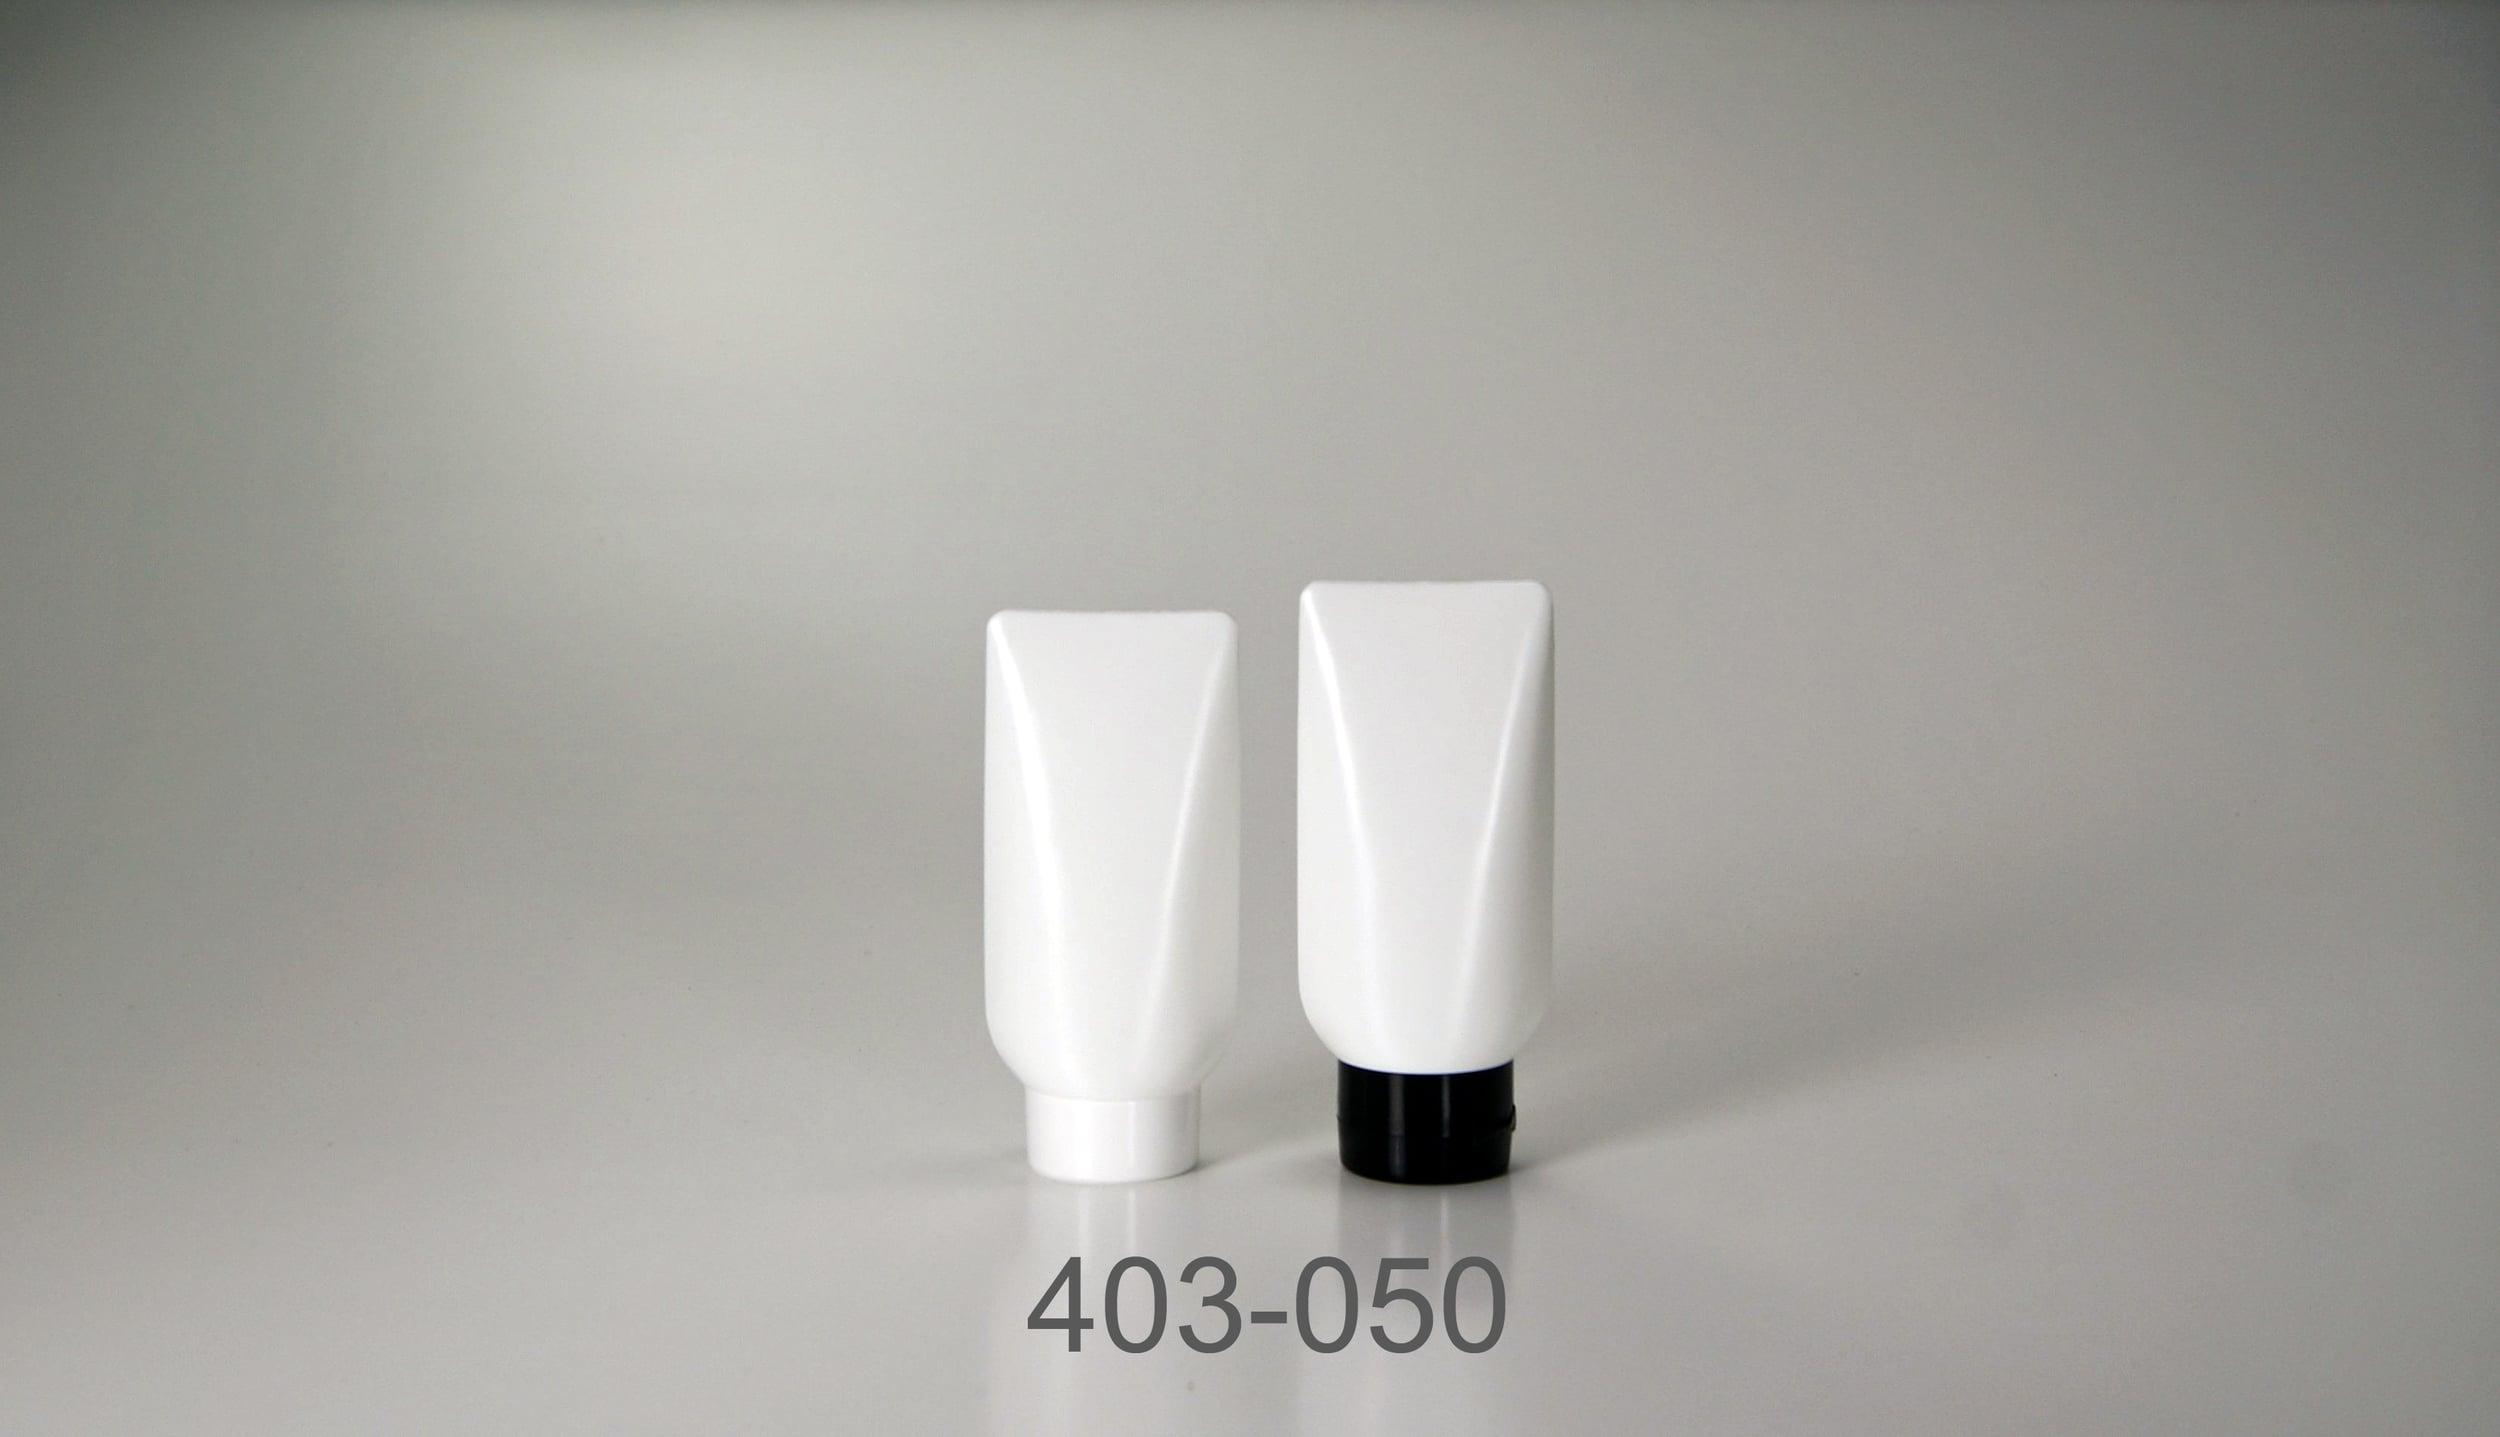 403-050.jpg